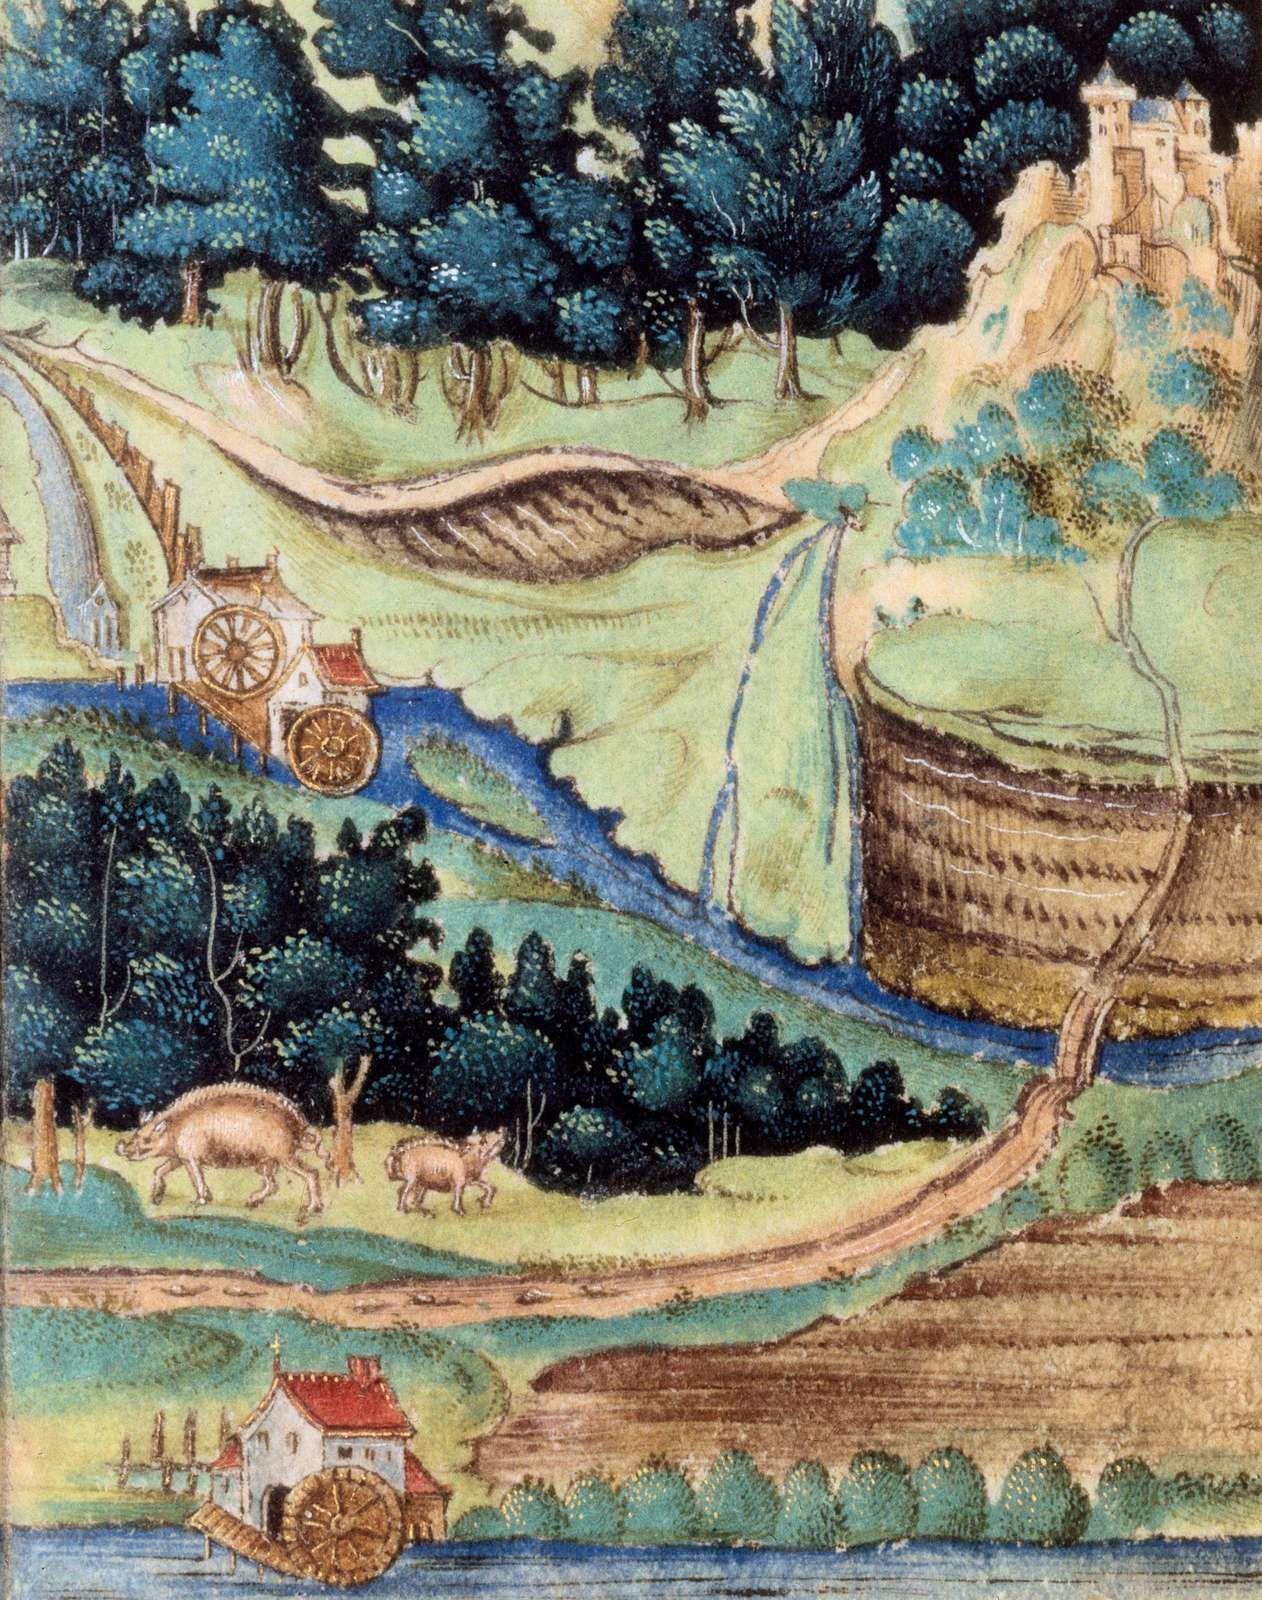 Paysage médiéval. Bibliothèque nationale de France, Ms Latin 10981